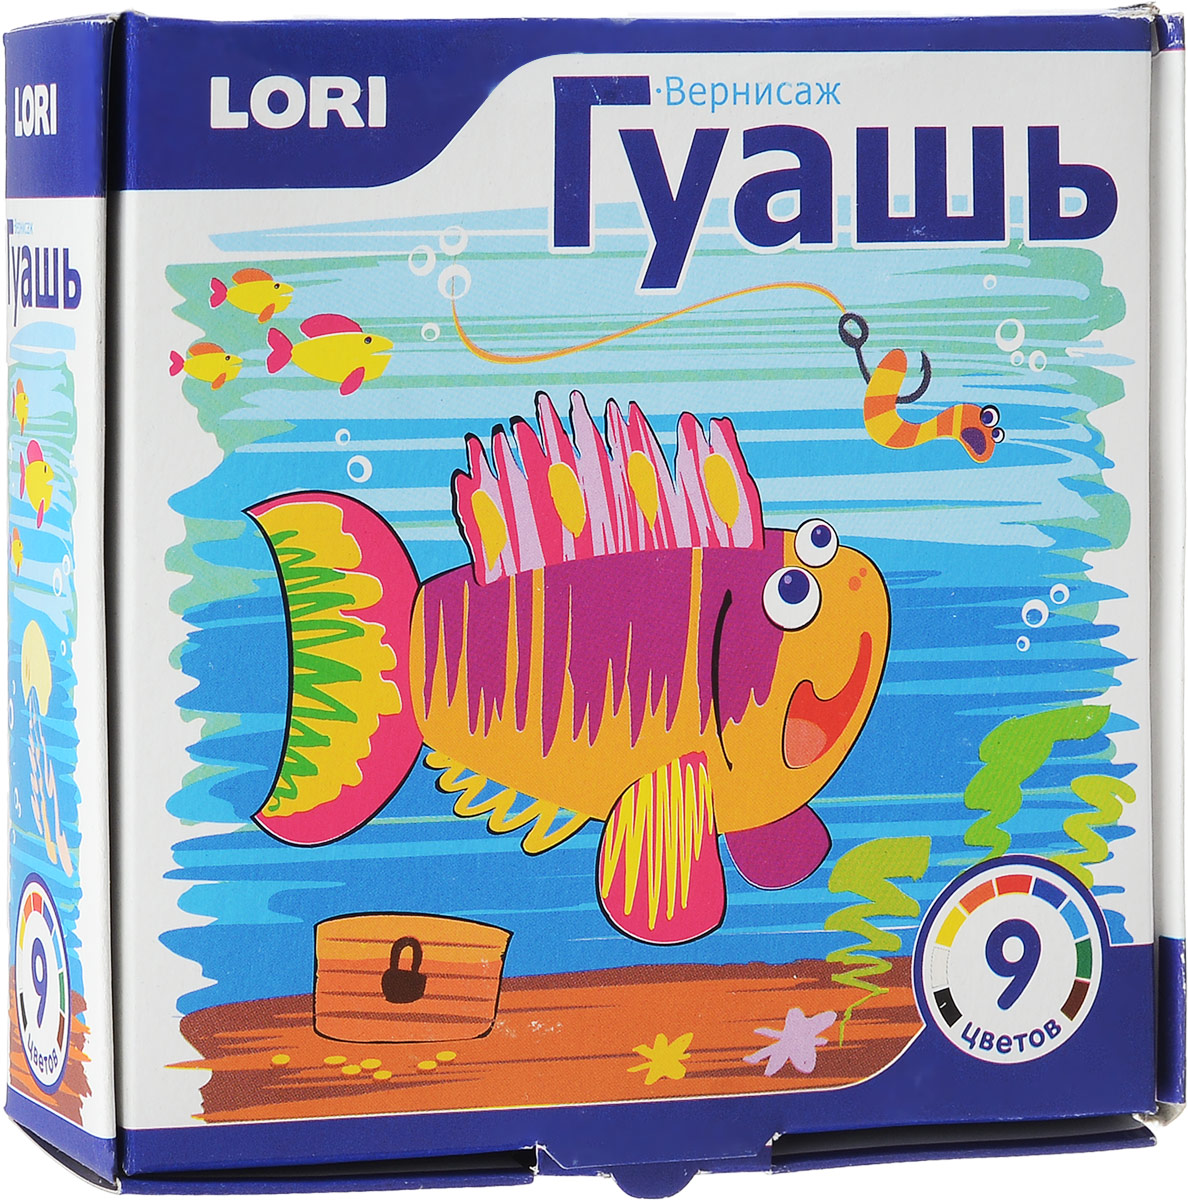 Гуашь Lori Вернисаж, 9 цветовГ-003Гуашь Вернисаж предназначена для рисования по бумаге, картону, дереву и стеклу. Набор включает краски 9 насыщенных цветов: синего, черного, зеленого, красного, желтого, белого, оранжевого, голубого, коричневого. Каждая пластиковая баночка с гуашью закрывается винтовой крышкой. Яркие цвета дают множество оттенков при смешивании. Легко размываются водой и быстро сохнут. Характеристики: Объем баночки с краской: 20 мл. Размер упаковки: 12 см х 12 см х 4 см.